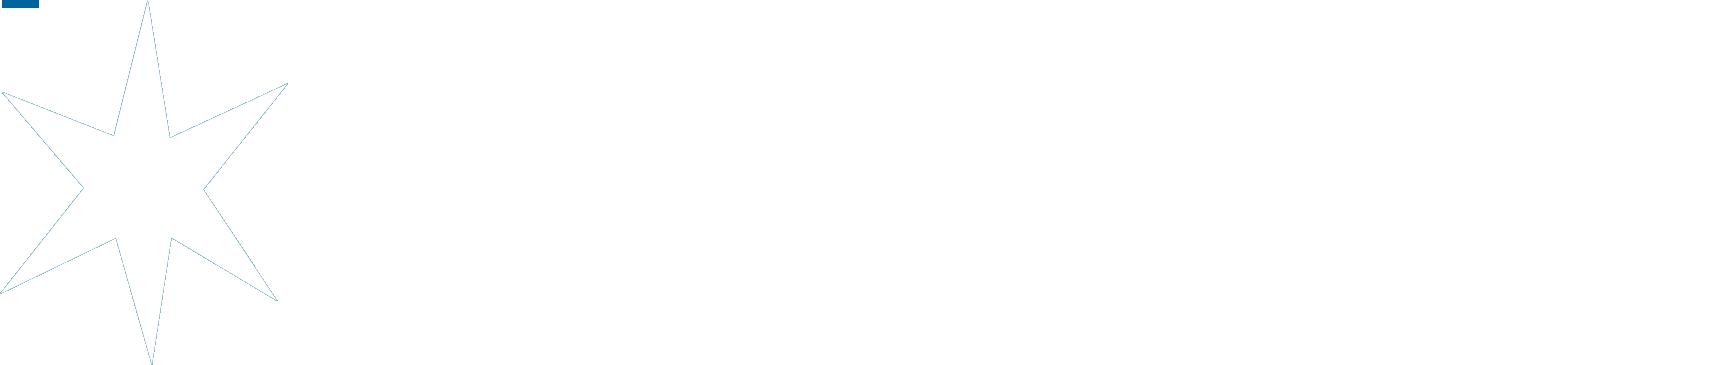 Rambler Телесеть (новогодний)